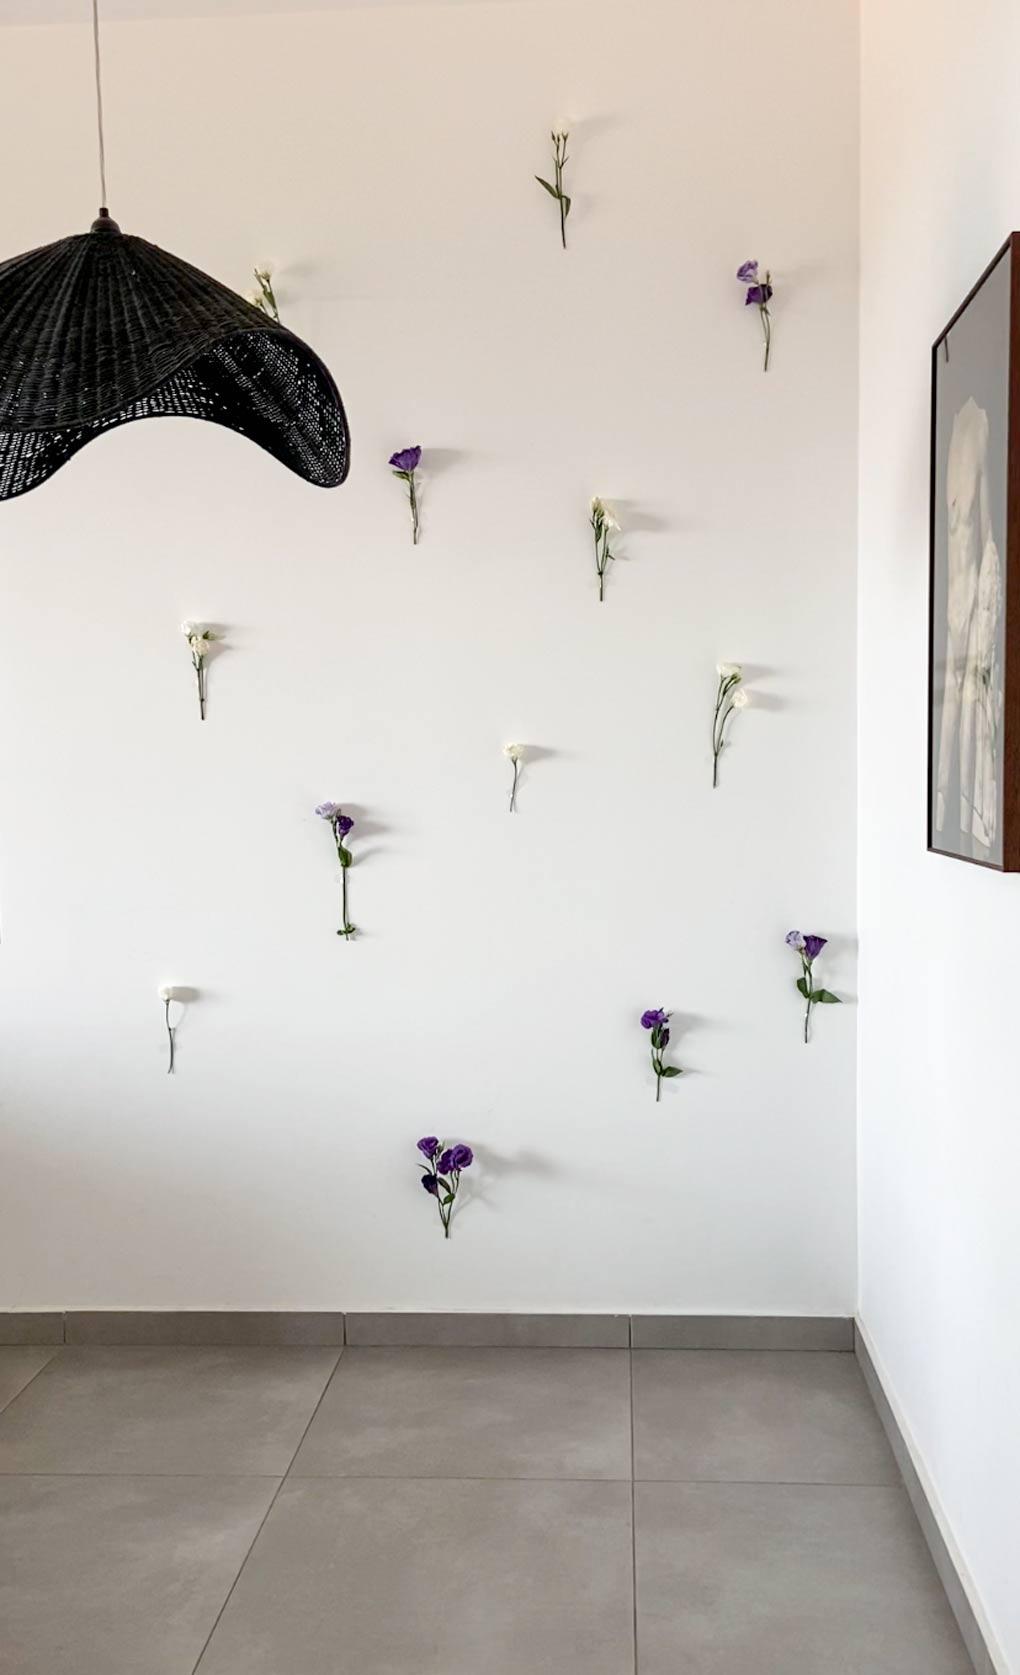 עיצוב קיר פרחים בהשראת טיק טוק. חוששים מהקיר הלבן? קבלו עשרה רעיונות נגישים לעיצוב קיר ריק